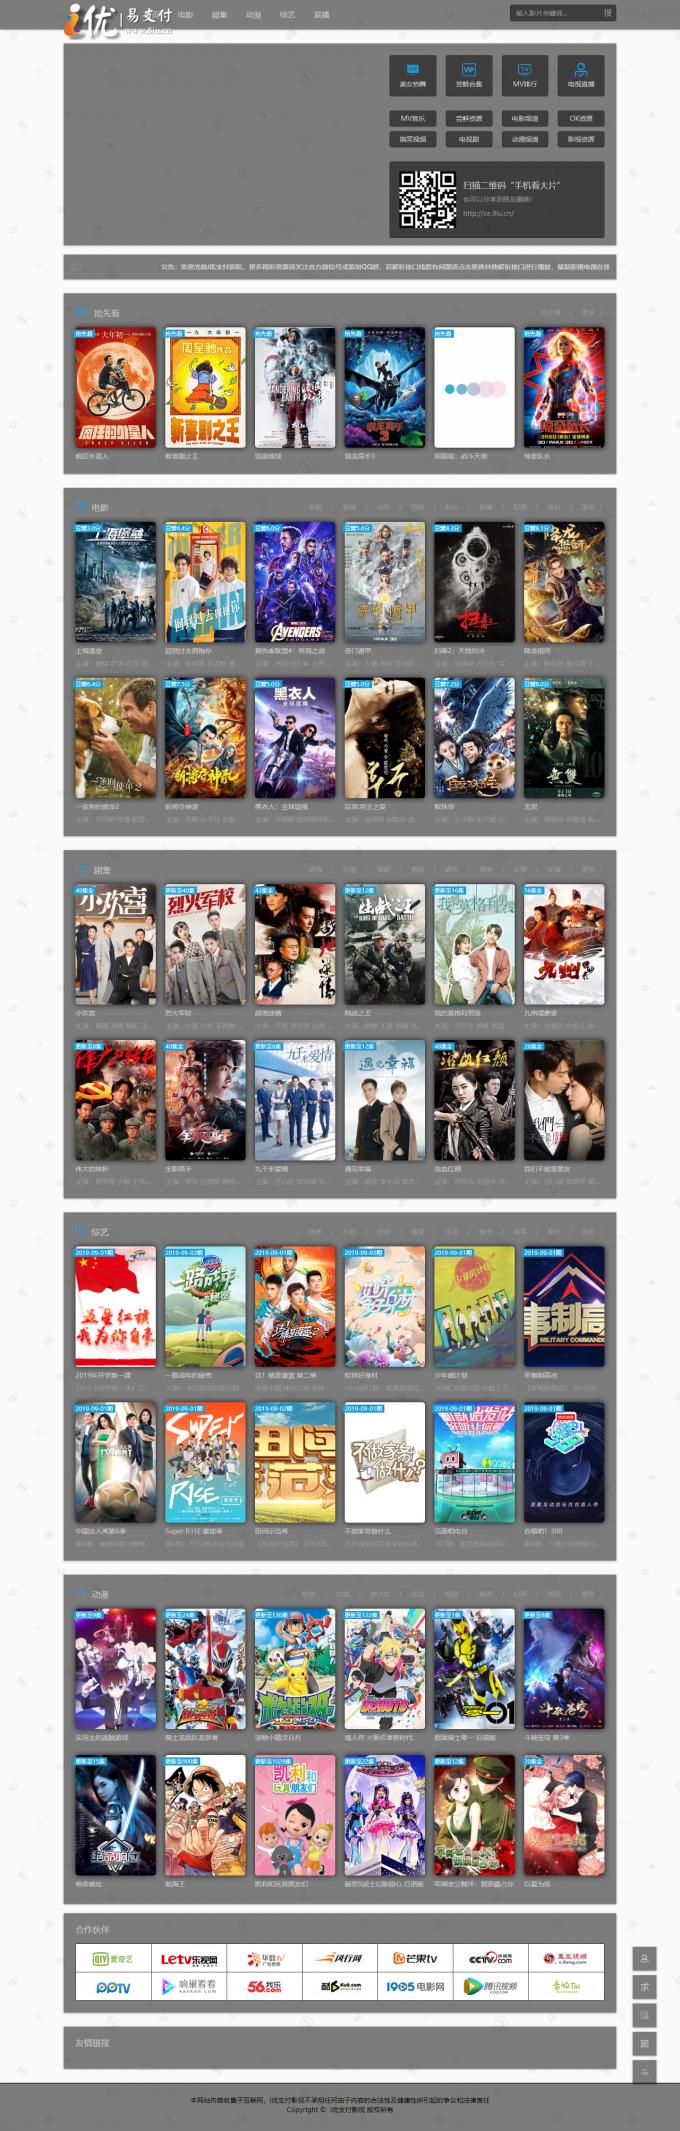 新款影视站程序带自动采集+支付接口市面价500左右